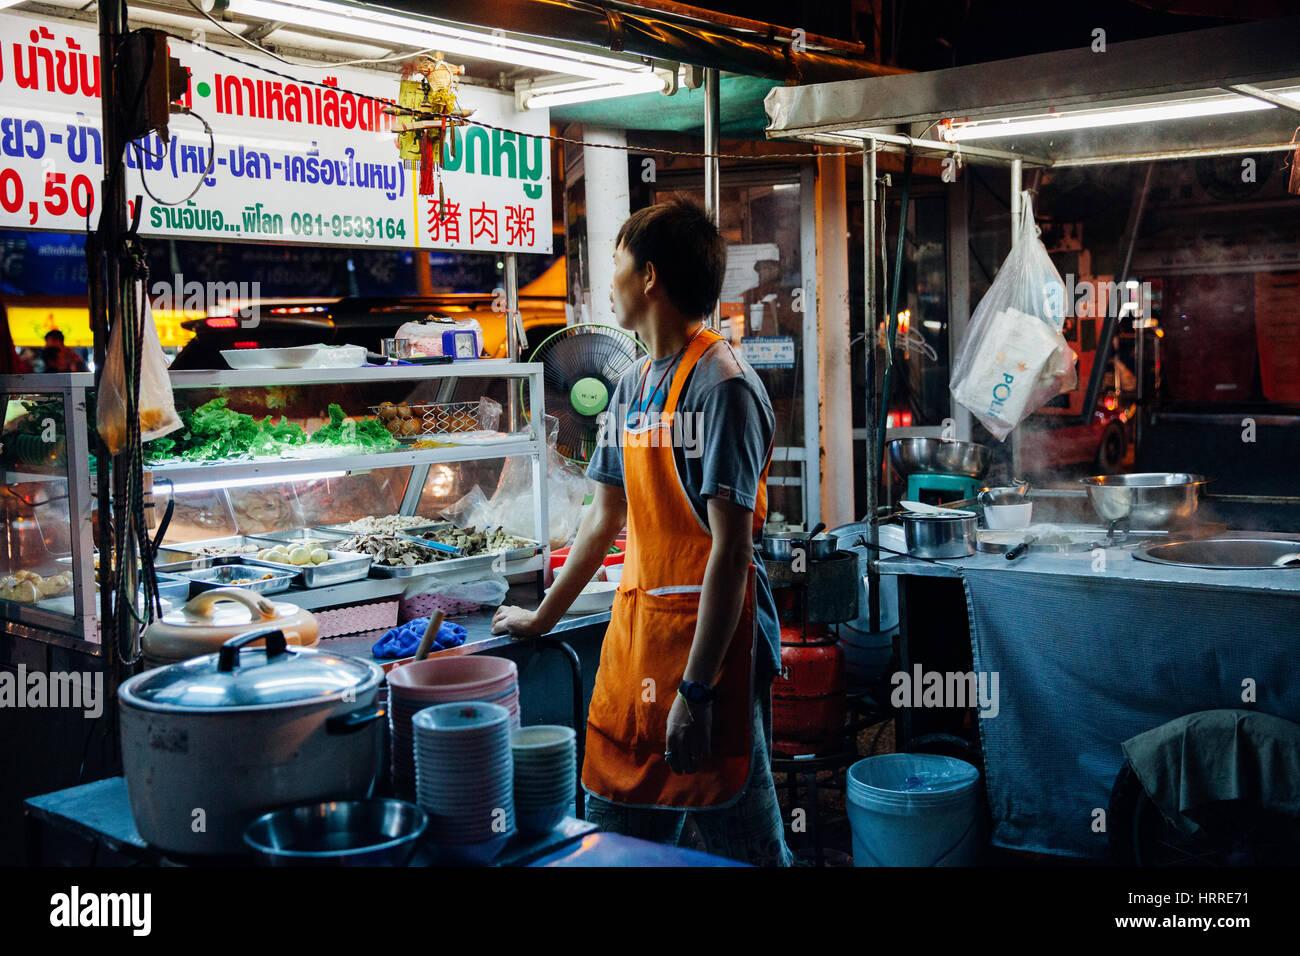 Chiang Mai, Tailandia, 27 de agosto de 2016: vendedor de comida espera a los clientes en el mercado del sábado Imagen De Stock